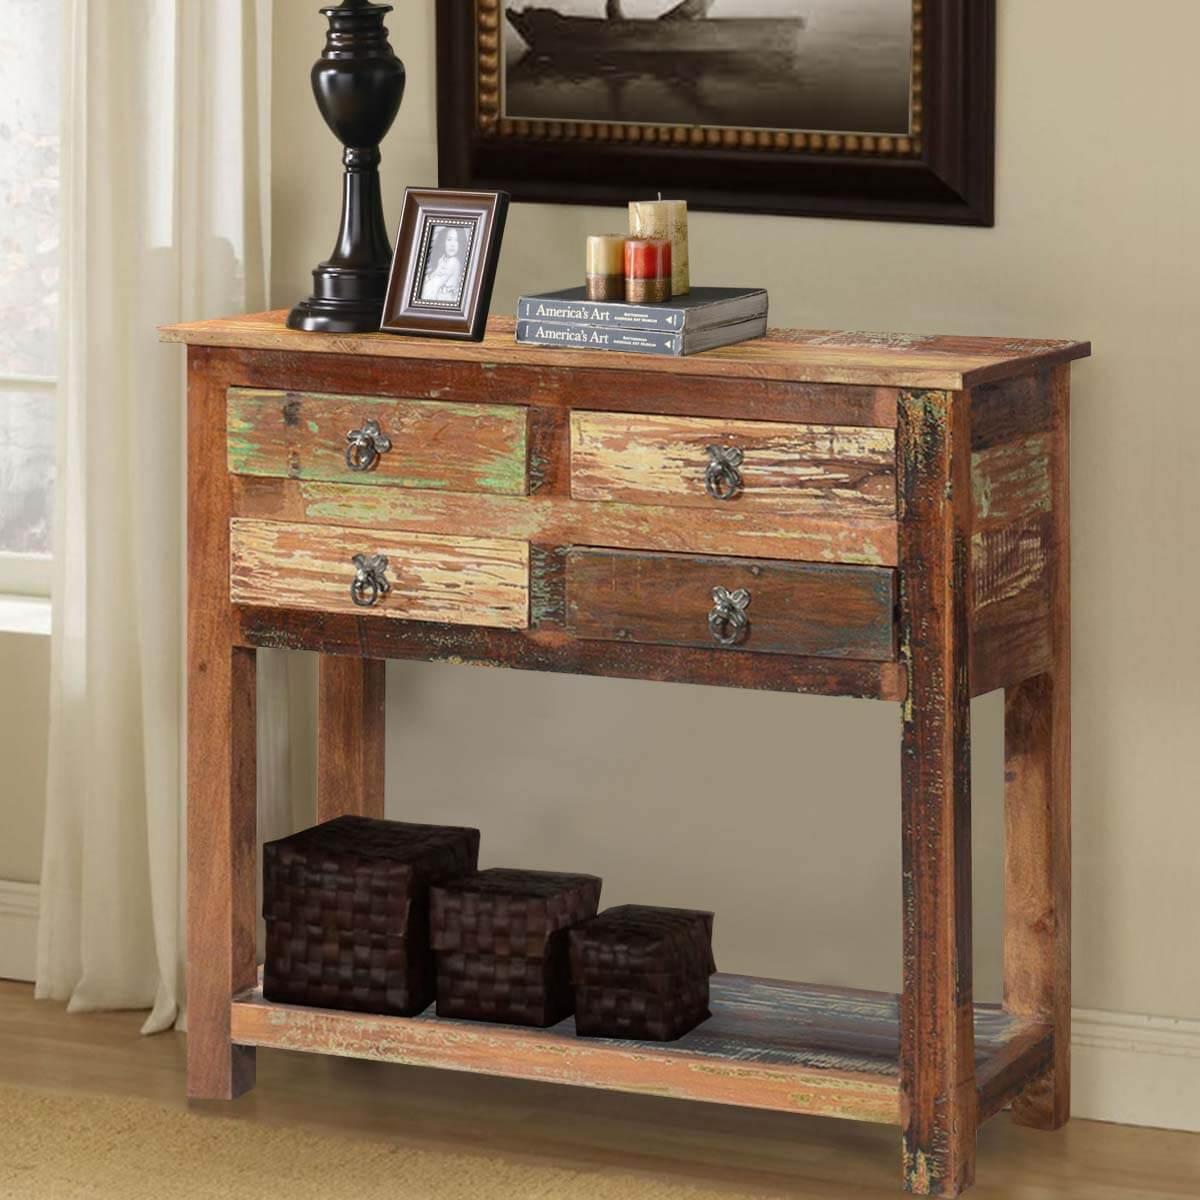 buy popular 880db 10718 Ashland Rustic Reclaimed Wood 4 Drawer Hallway Console Table